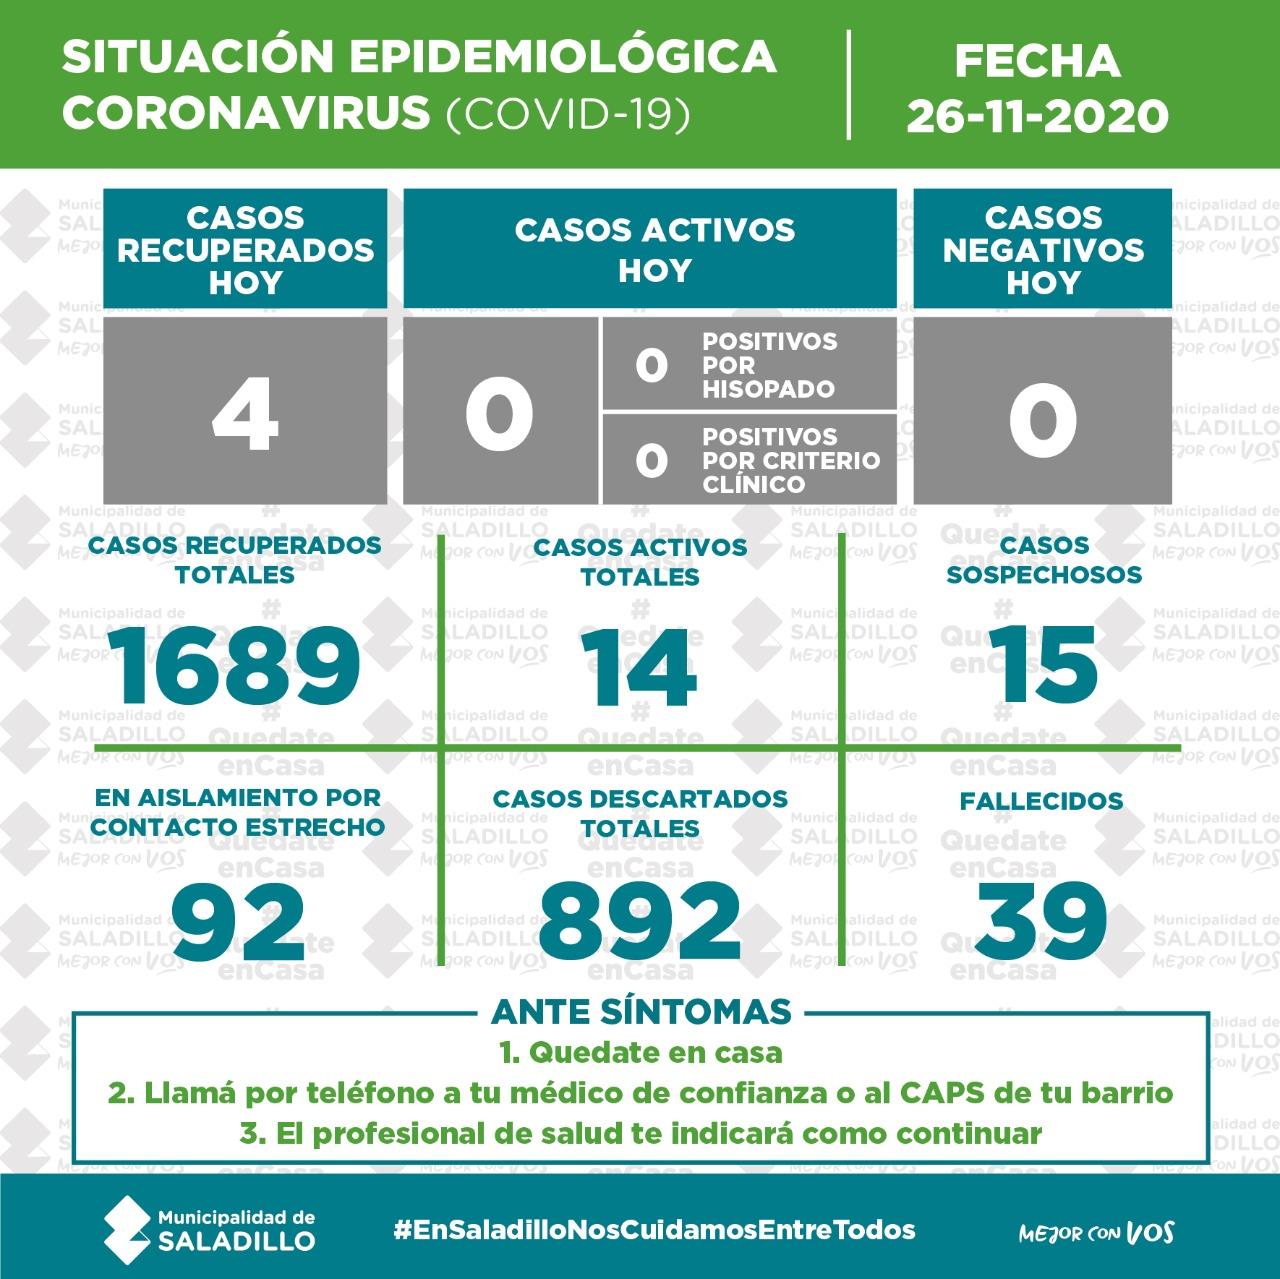 *SITUACIÓN EPIDEMIOLÓGICA EN SALADILLO al 26/11/2020